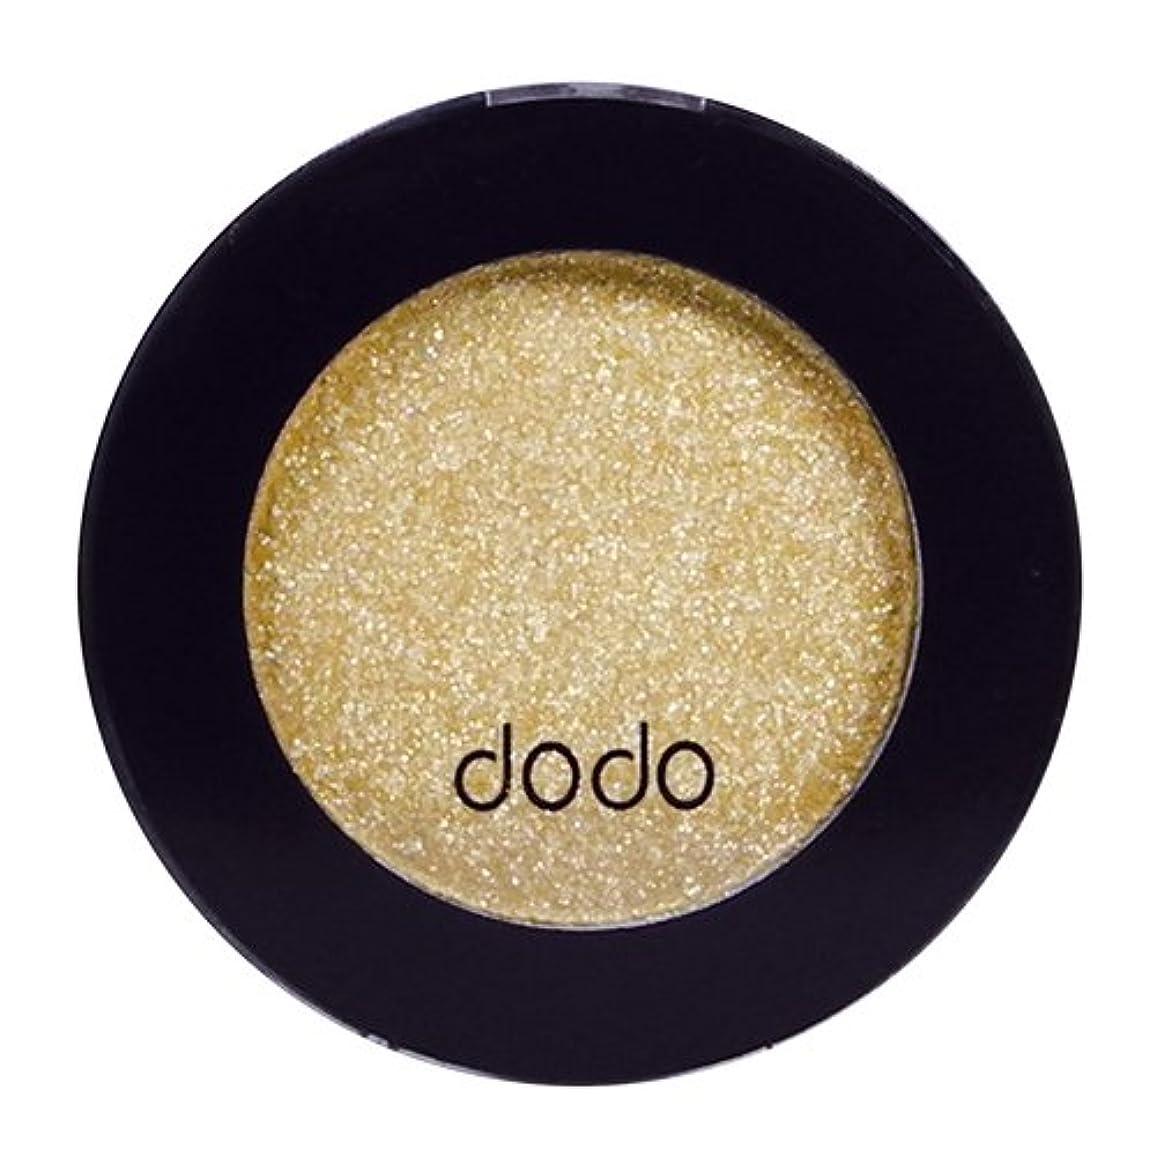 節約するグレード平野dodo(ドド) アイシャドウ NO2 ゴールド (2g)